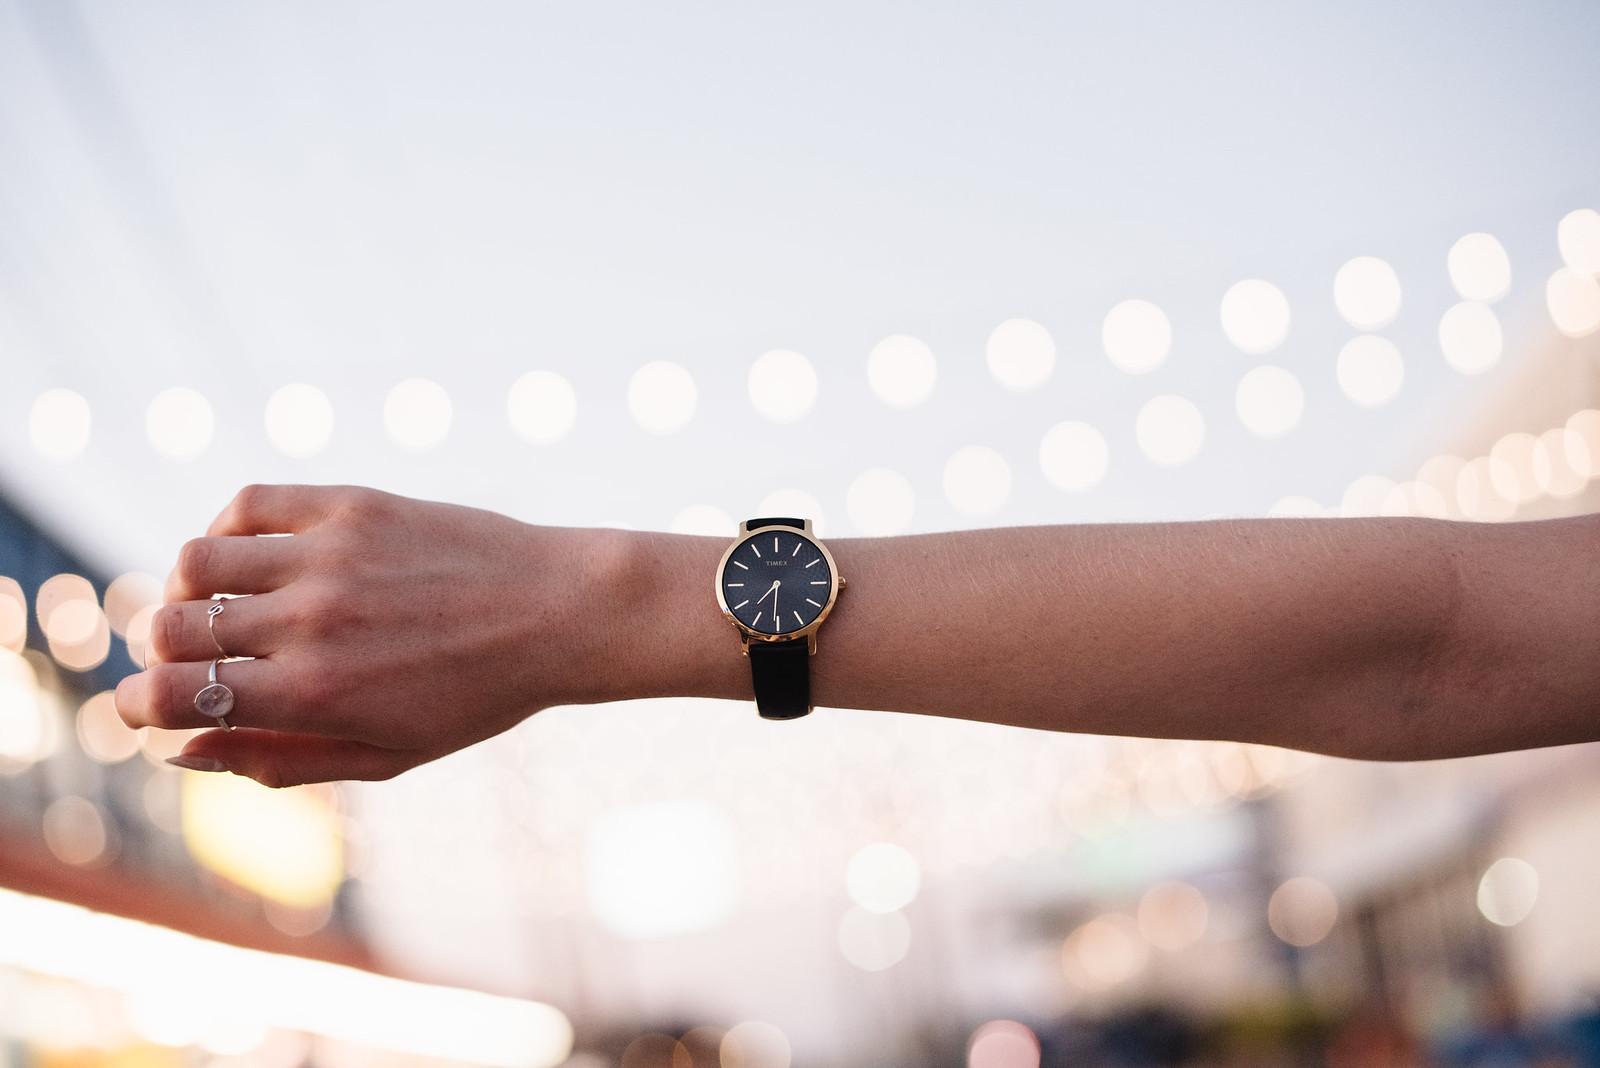 Timex Watch on juliettelaura.blogspot.com